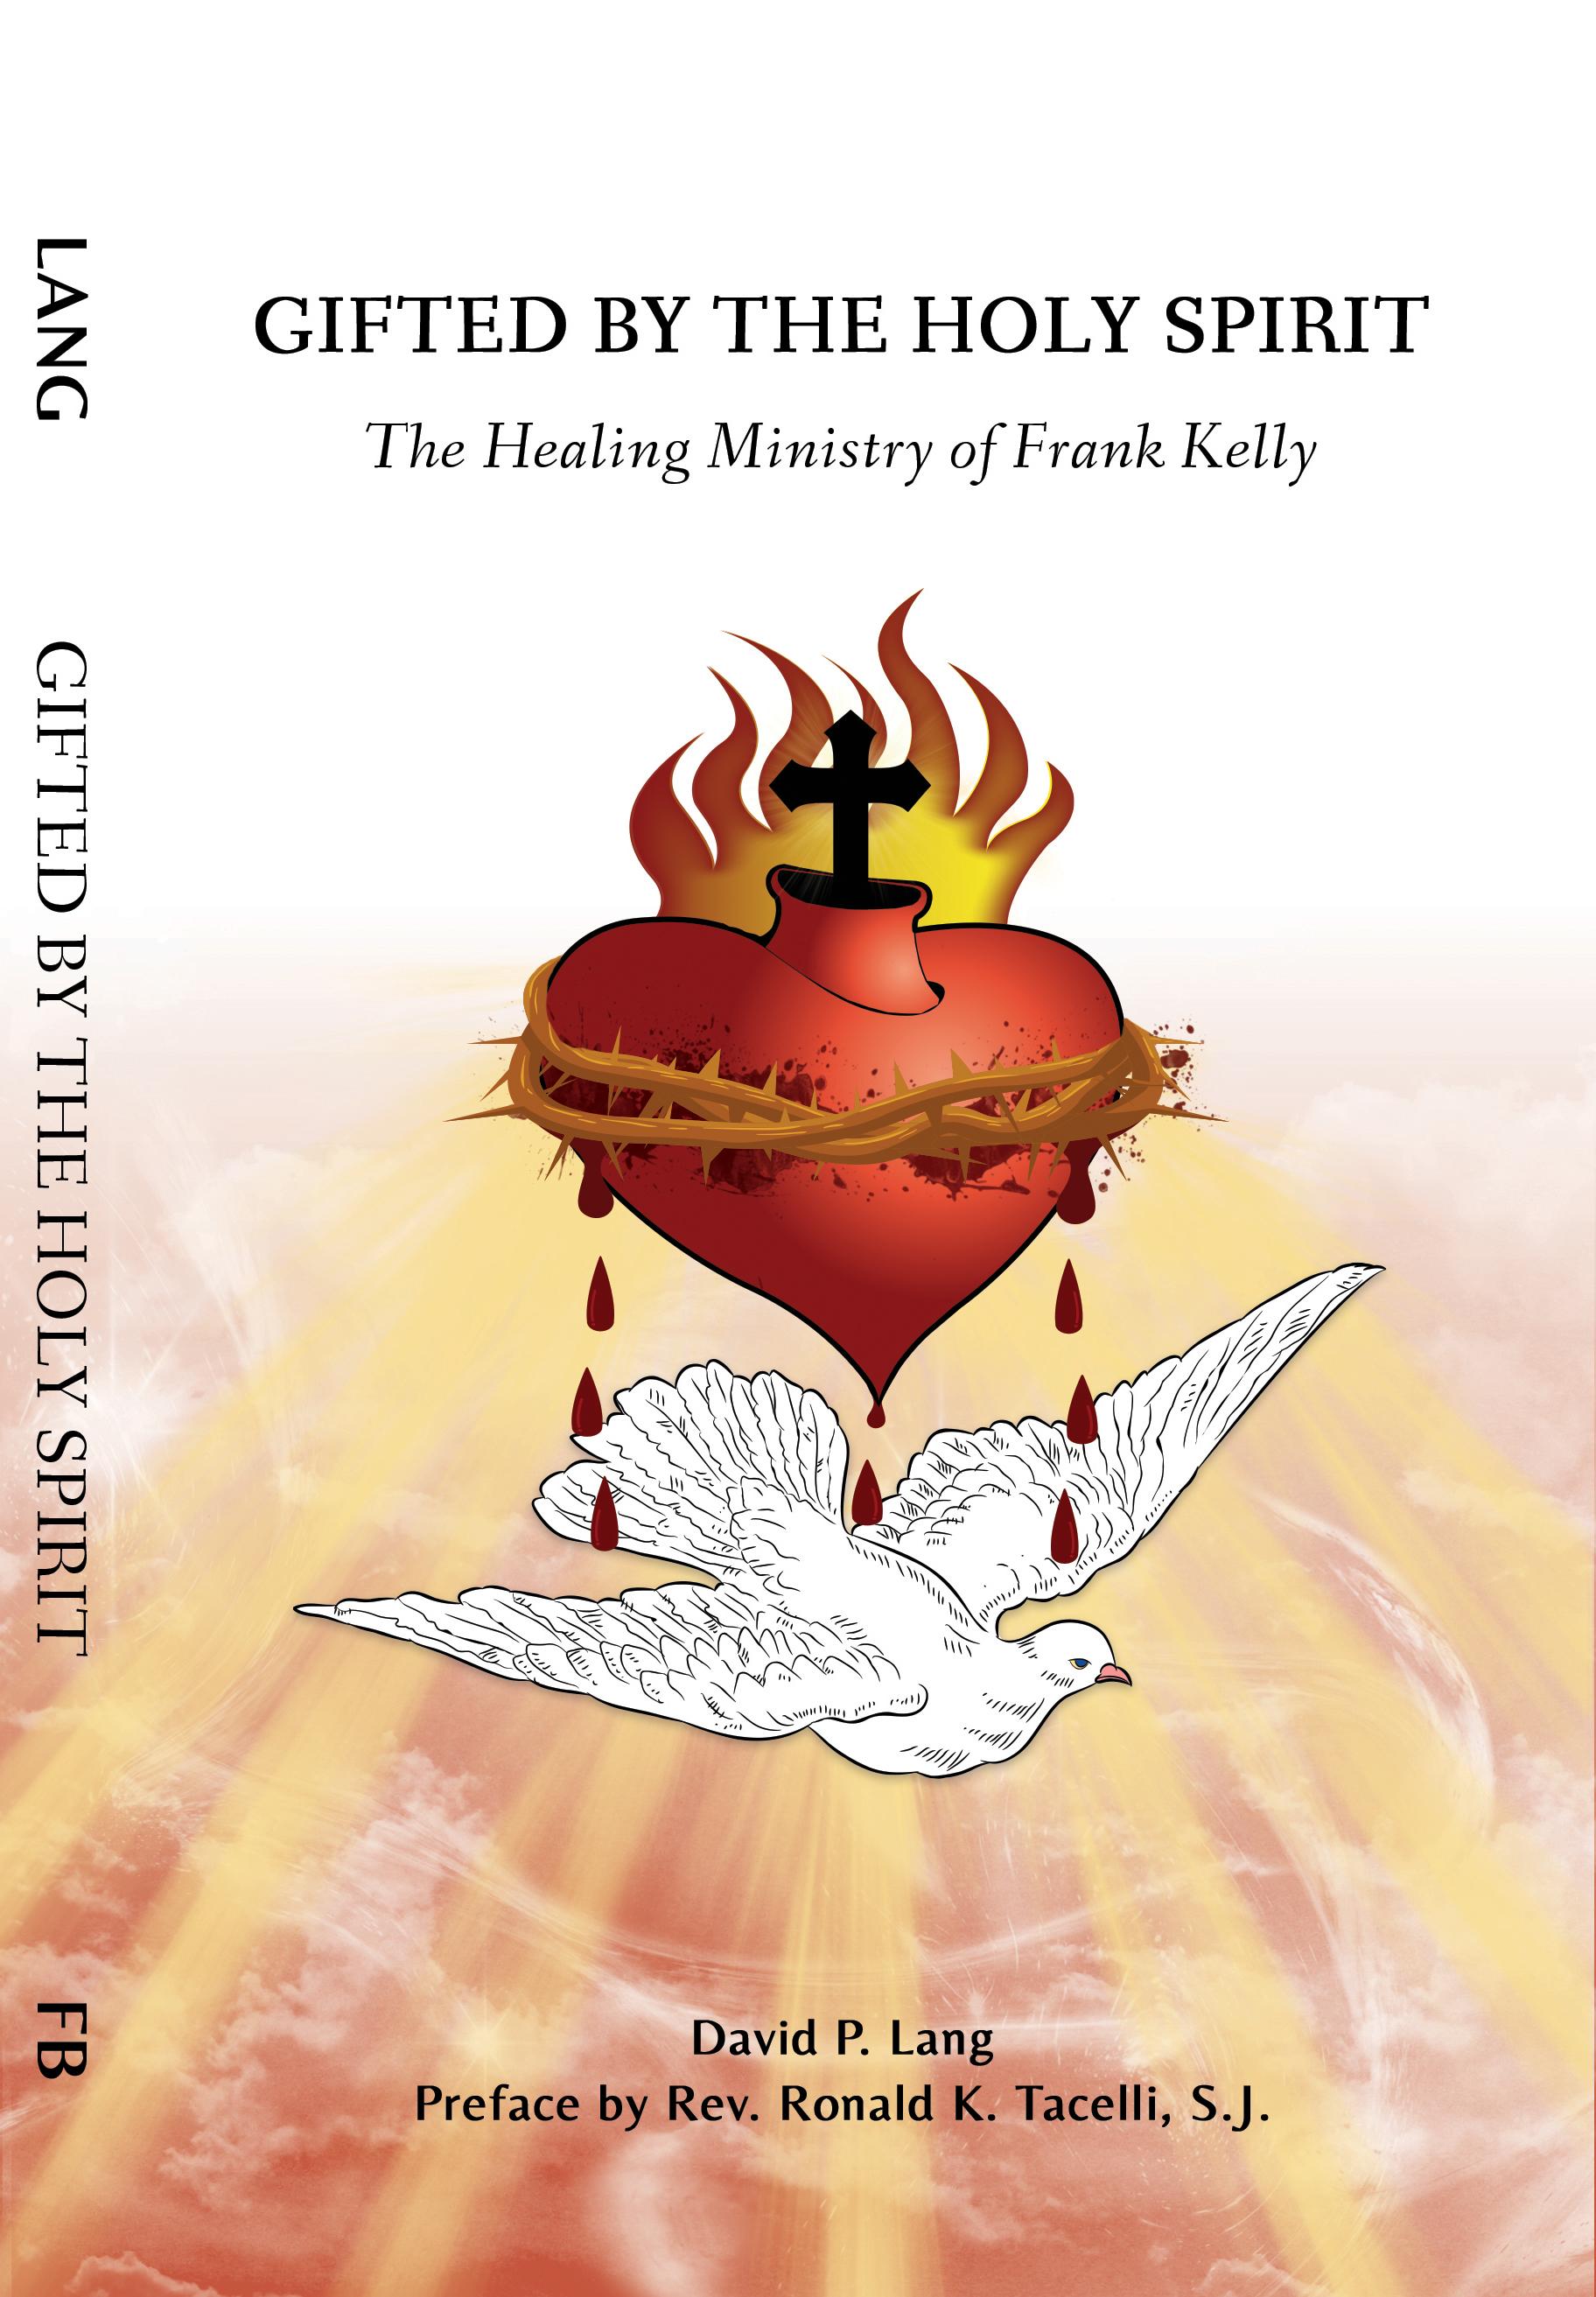 New book